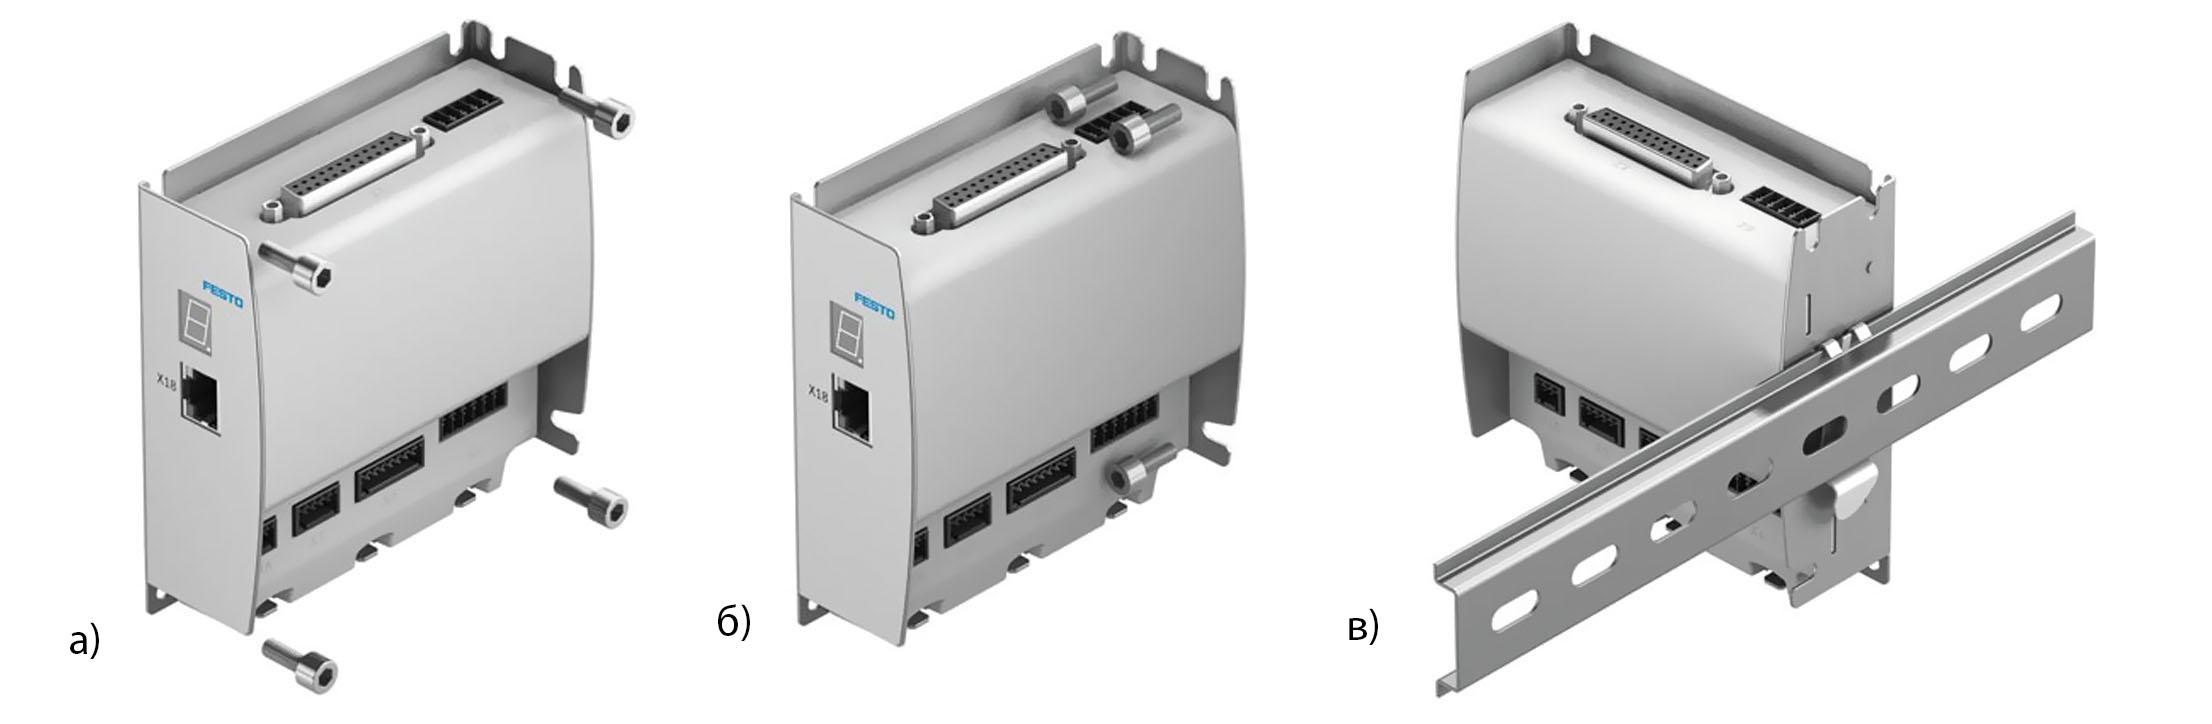 Рис. 5. Механический монтаж контроллера CMMO-ST в шкафу управления: а) фронтальный винтами; б) торцевой винтами; в) торцевой на DIN-рейку